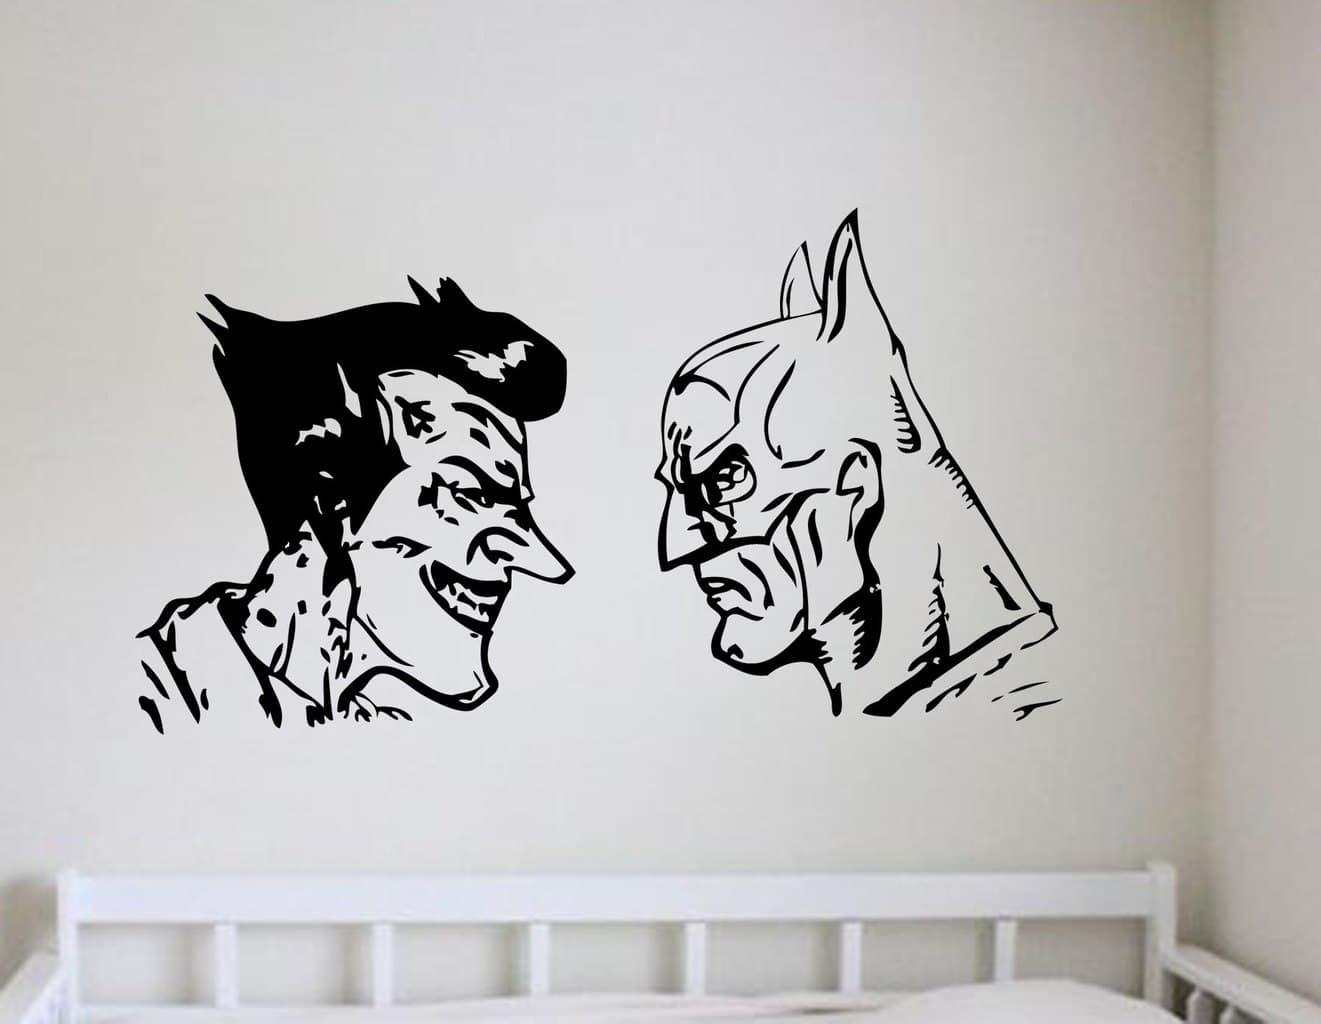 Batman And Joker Wall Art Decal | Wall Decal | Wall Art For Latest Joker Wall Art (View 2 of 20)